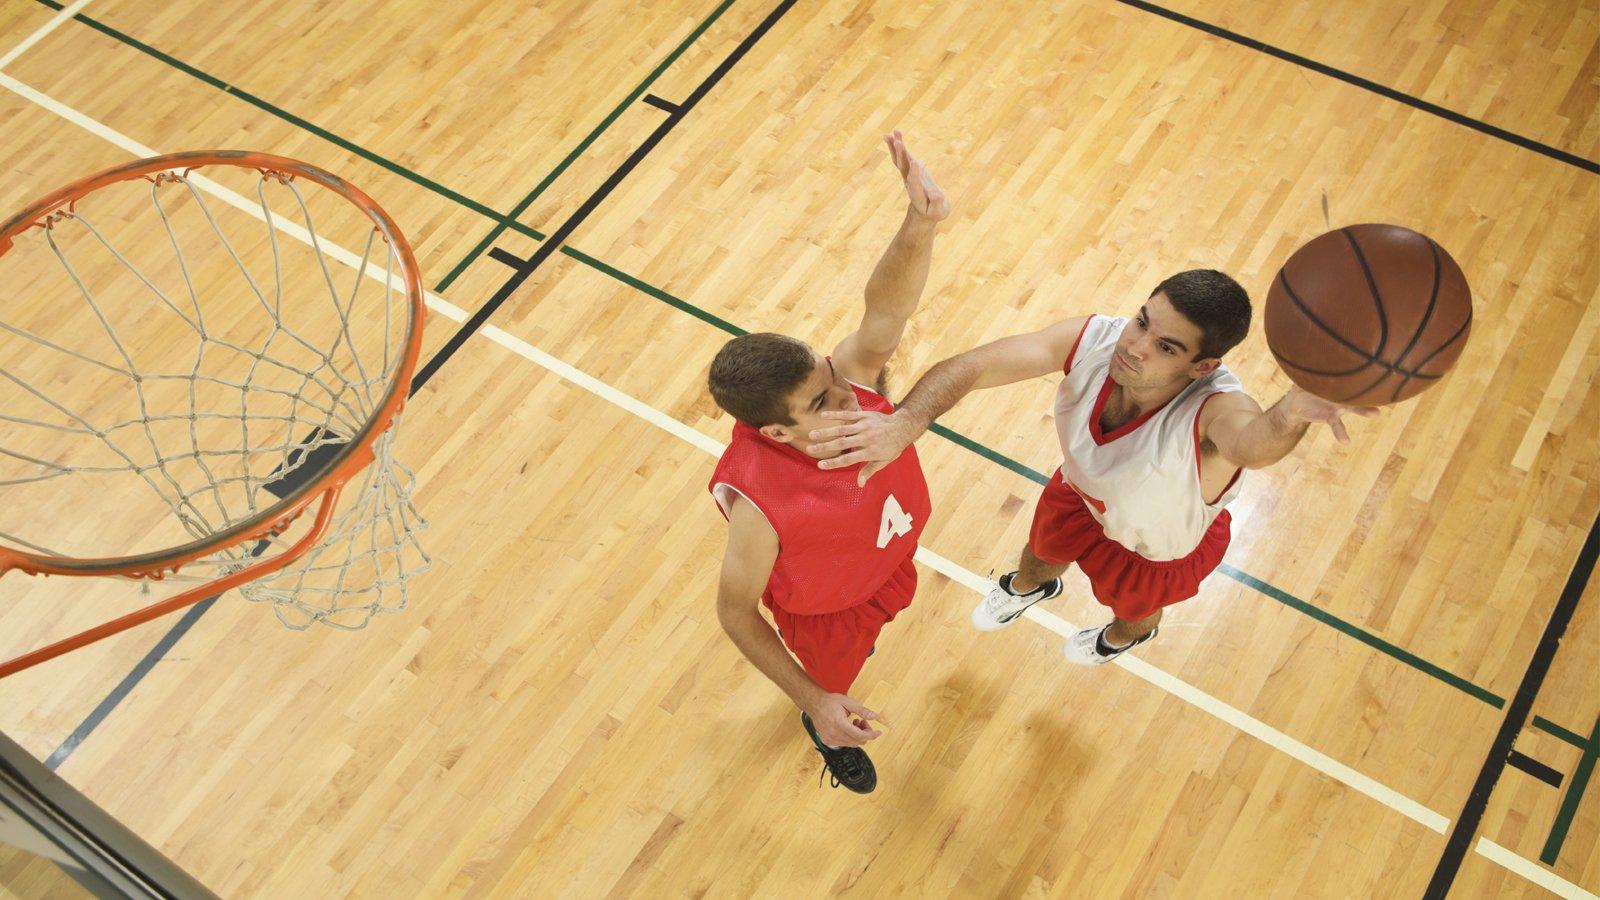 basketball shoot the hoop